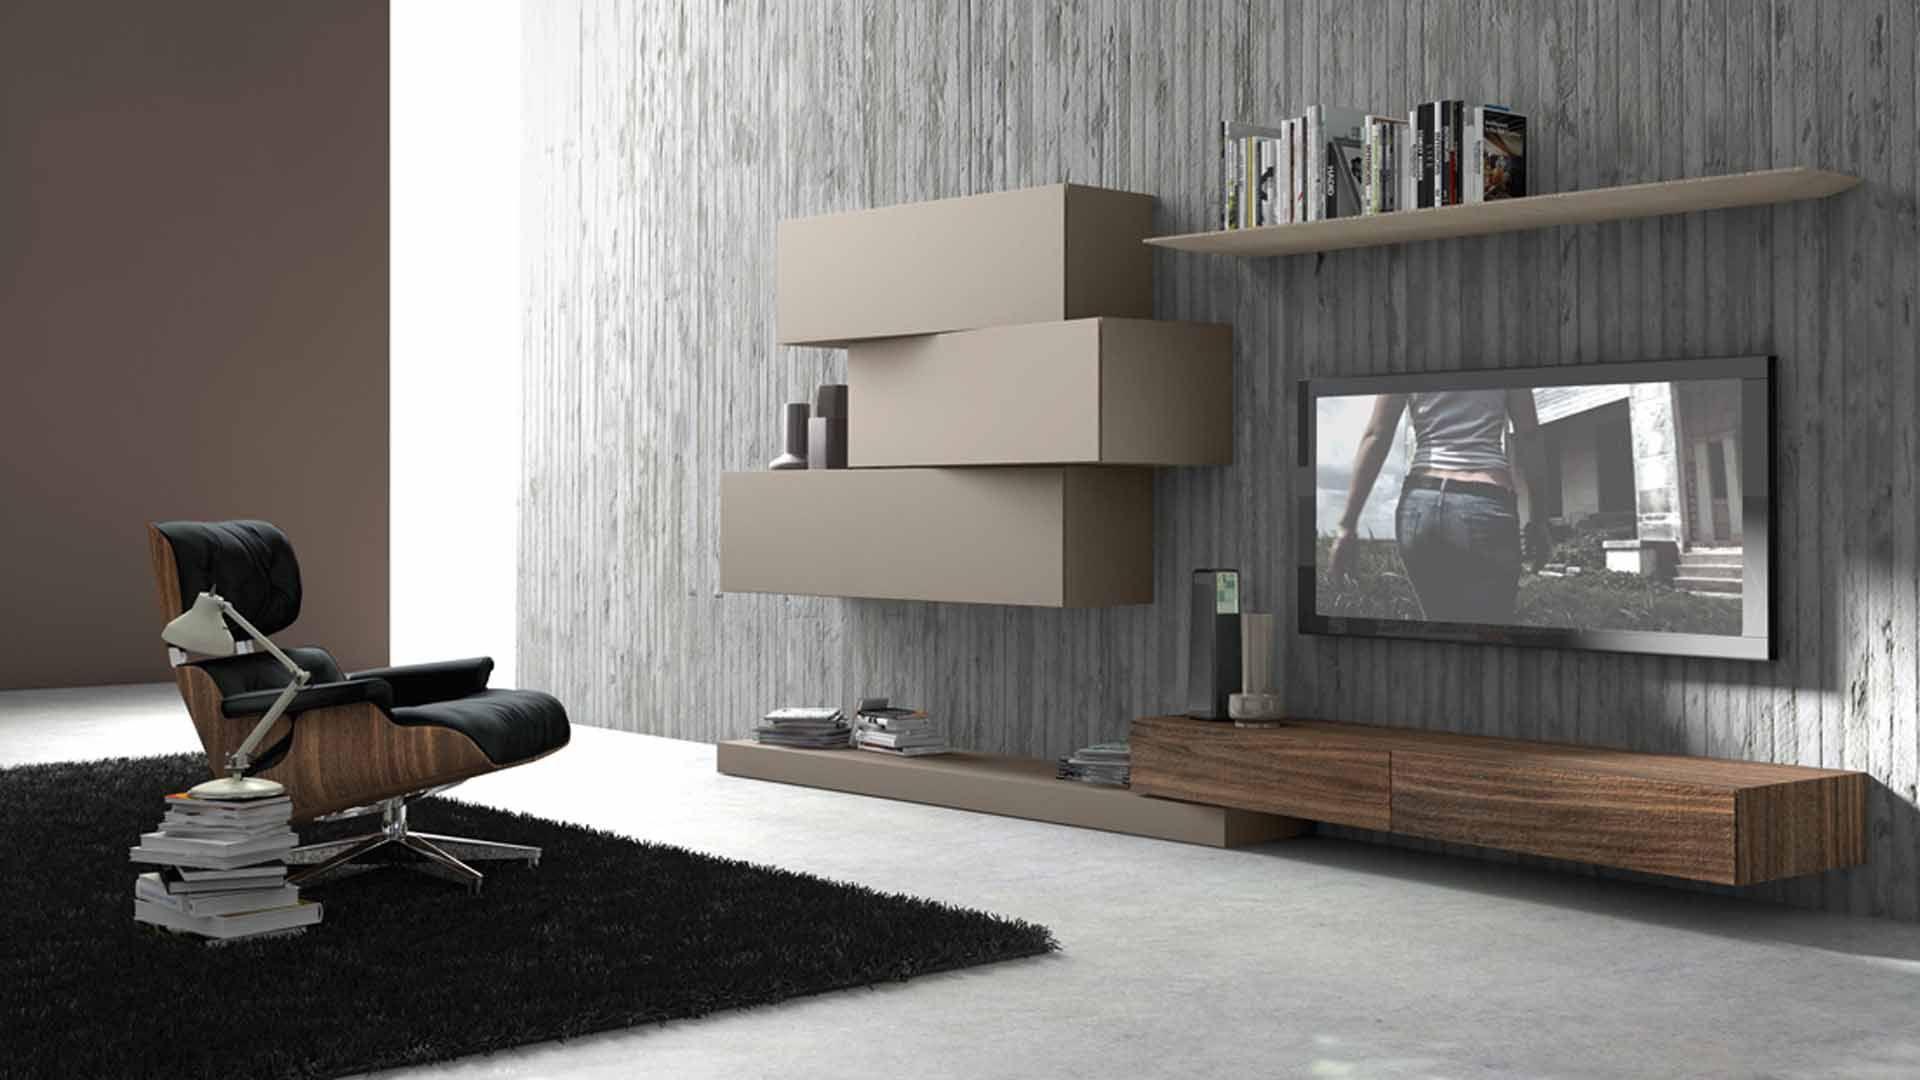 Modules Inclinart By Presotto Design Beige Bois Chez Raphaele Meubles Lyon Meubletele Meubletv Mobilier De Salon Tv Monte Sur Le Mur Mobilier Design